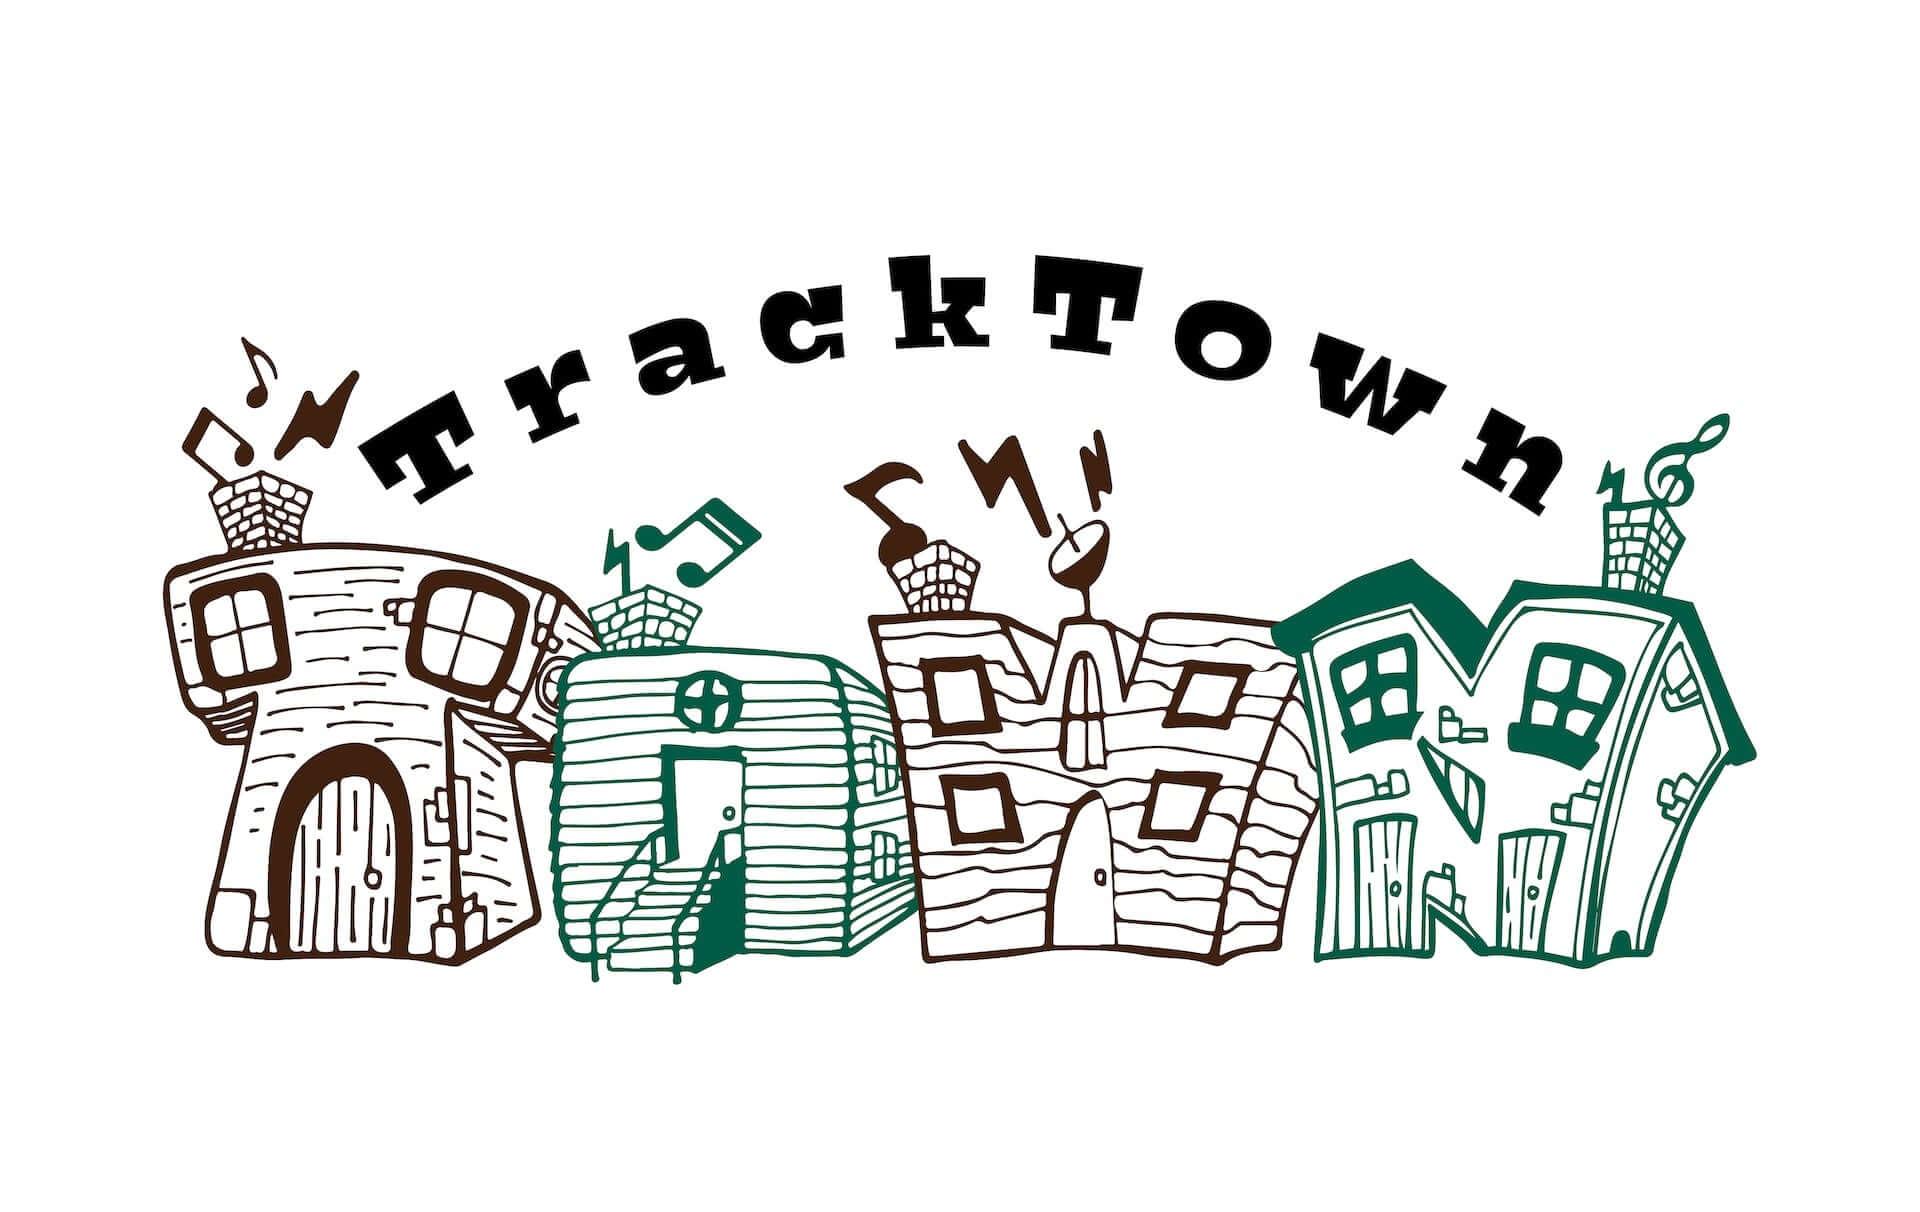 配信音楽フェス<TrackTown>の記念すべき第1回目にODD Foot Works、STUTS、TOMMY、YonYon、空音が出演決定! music200519_tracktown_06-1920x1212